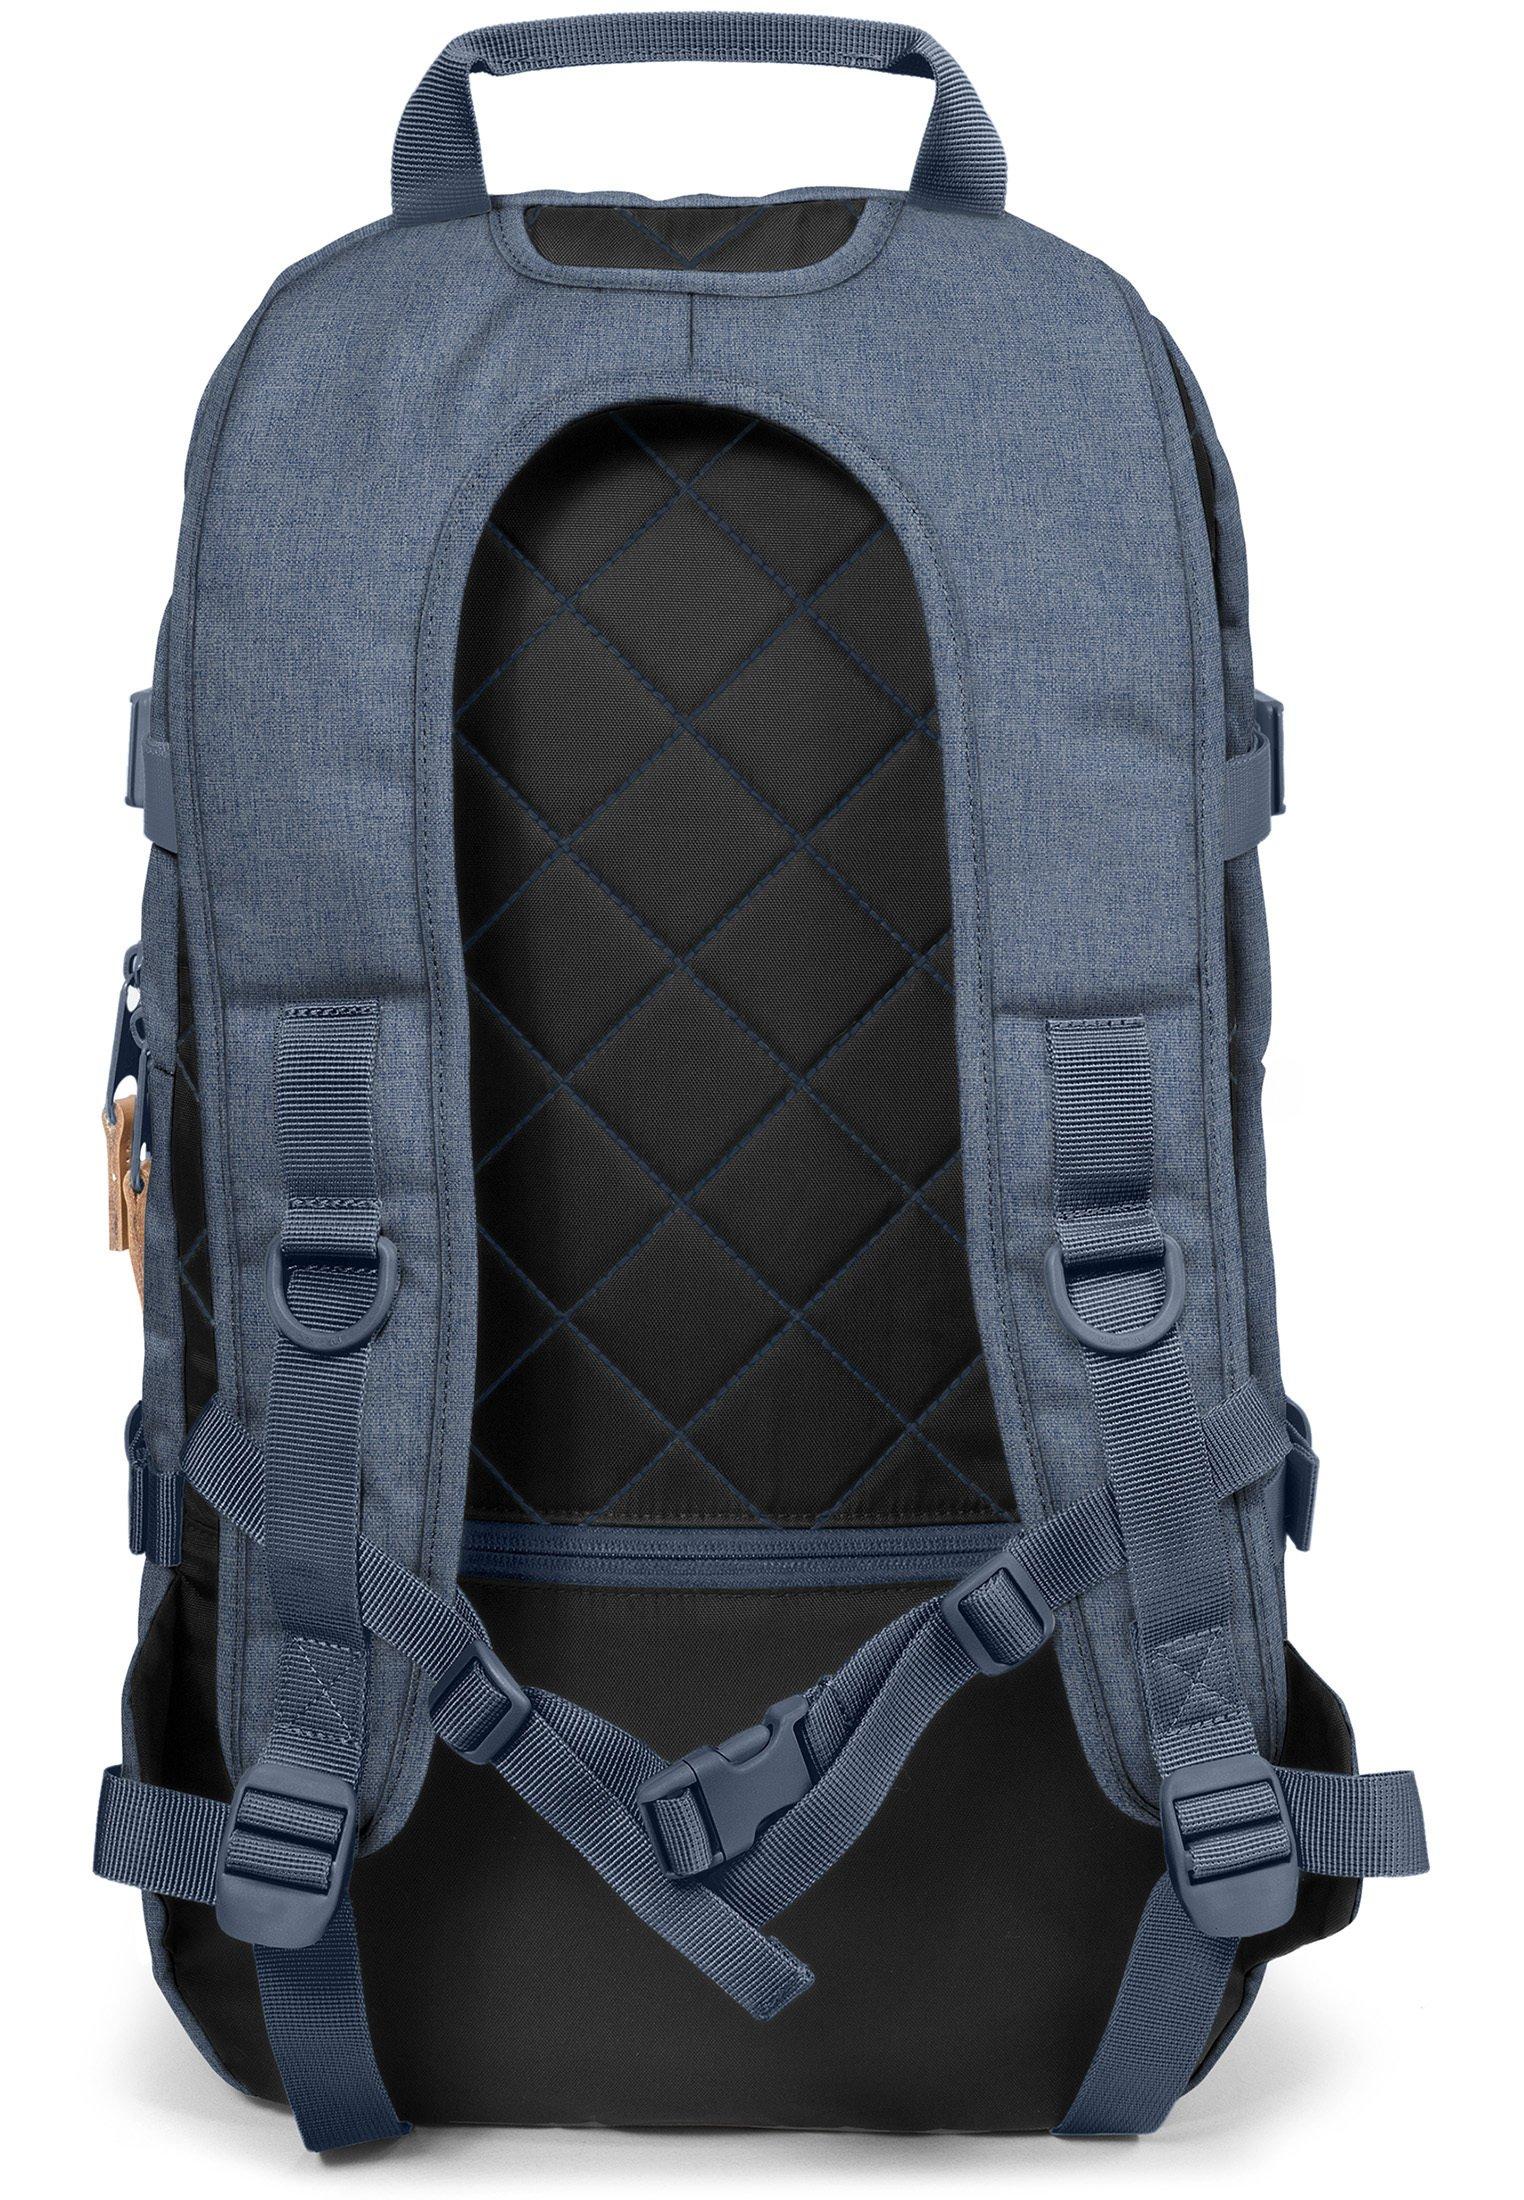 Eastpak CORE SERIES - Tagesrucksack - blue/blau - Herrentaschen BIYBO